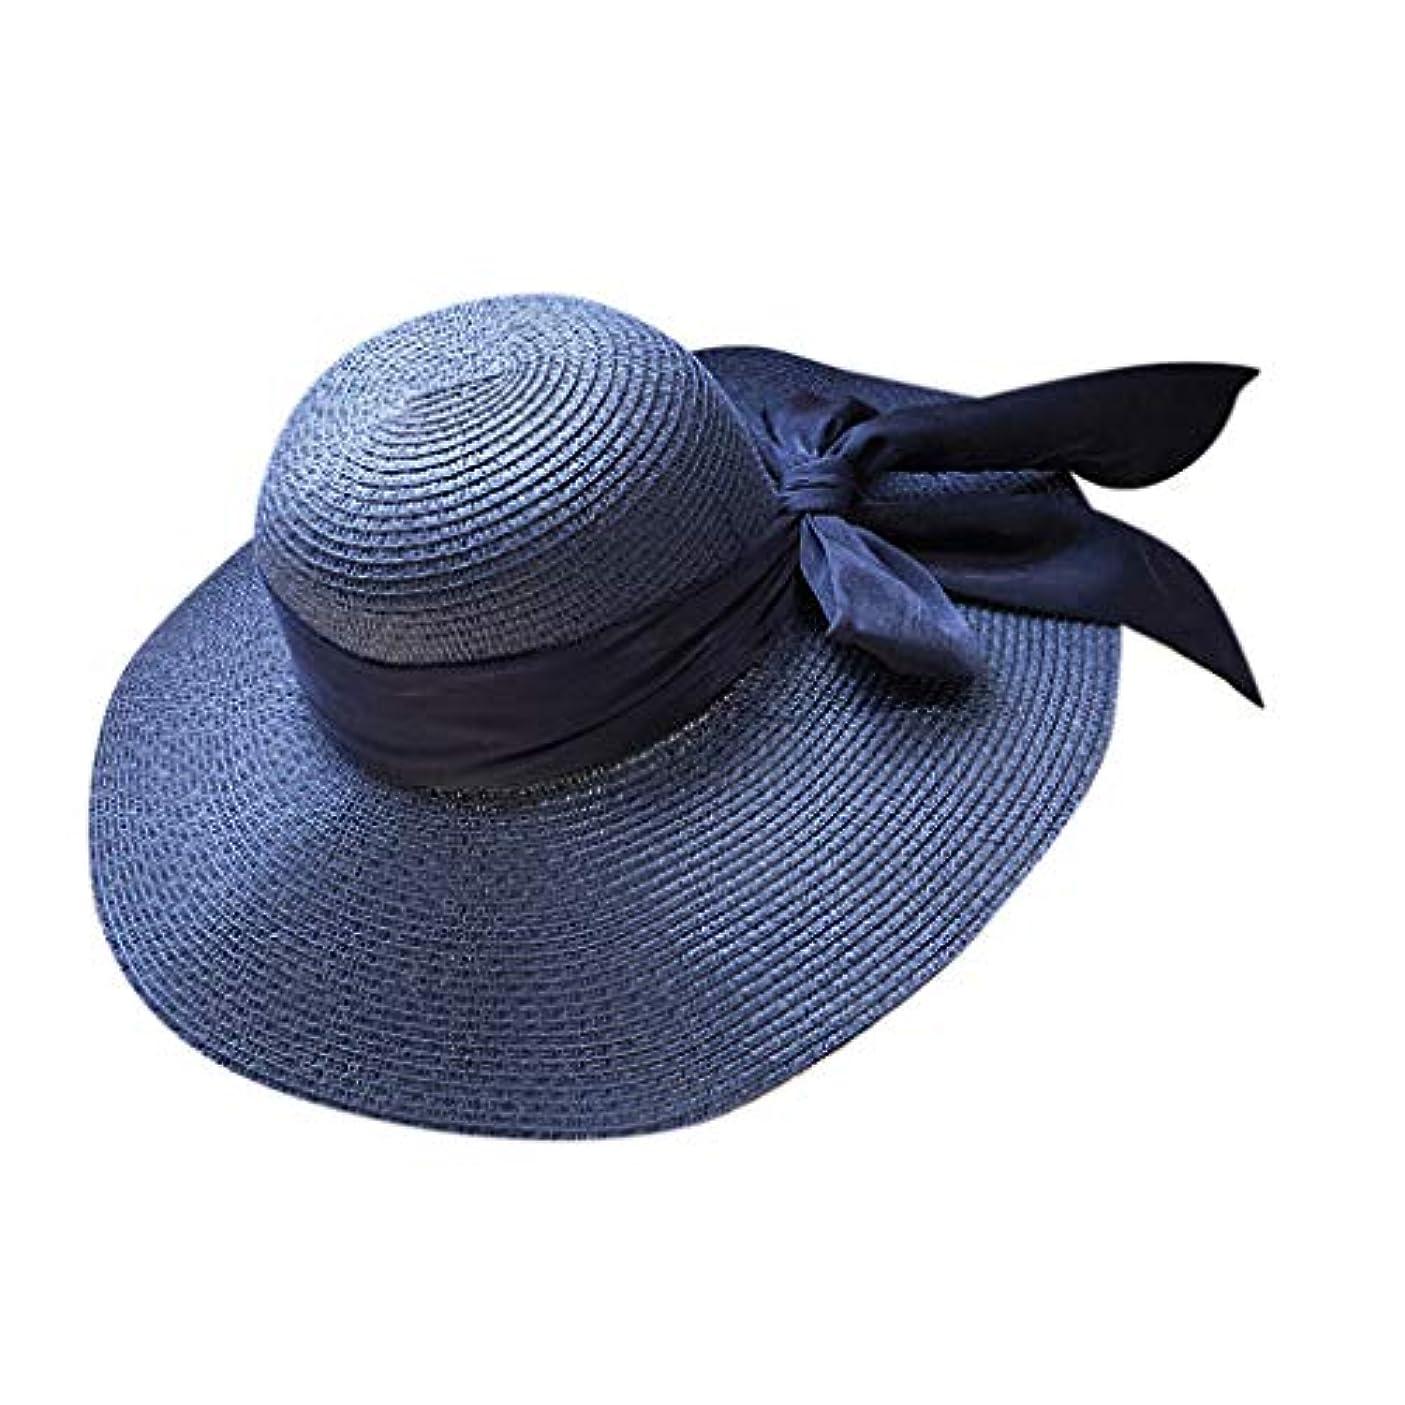 毎回の量ペストリー帽子 レディース UVカット 麦わら帽子 可愛い 小顔効果抜群 日よけ 折りたたみ つば広 帽子 サイズ調整 テープ ハット レディース 帽子 日よけ帽子 防晒帽 ビーチ 旅行用 日よけ 日射し 海 夏季 ROSE ROMAN